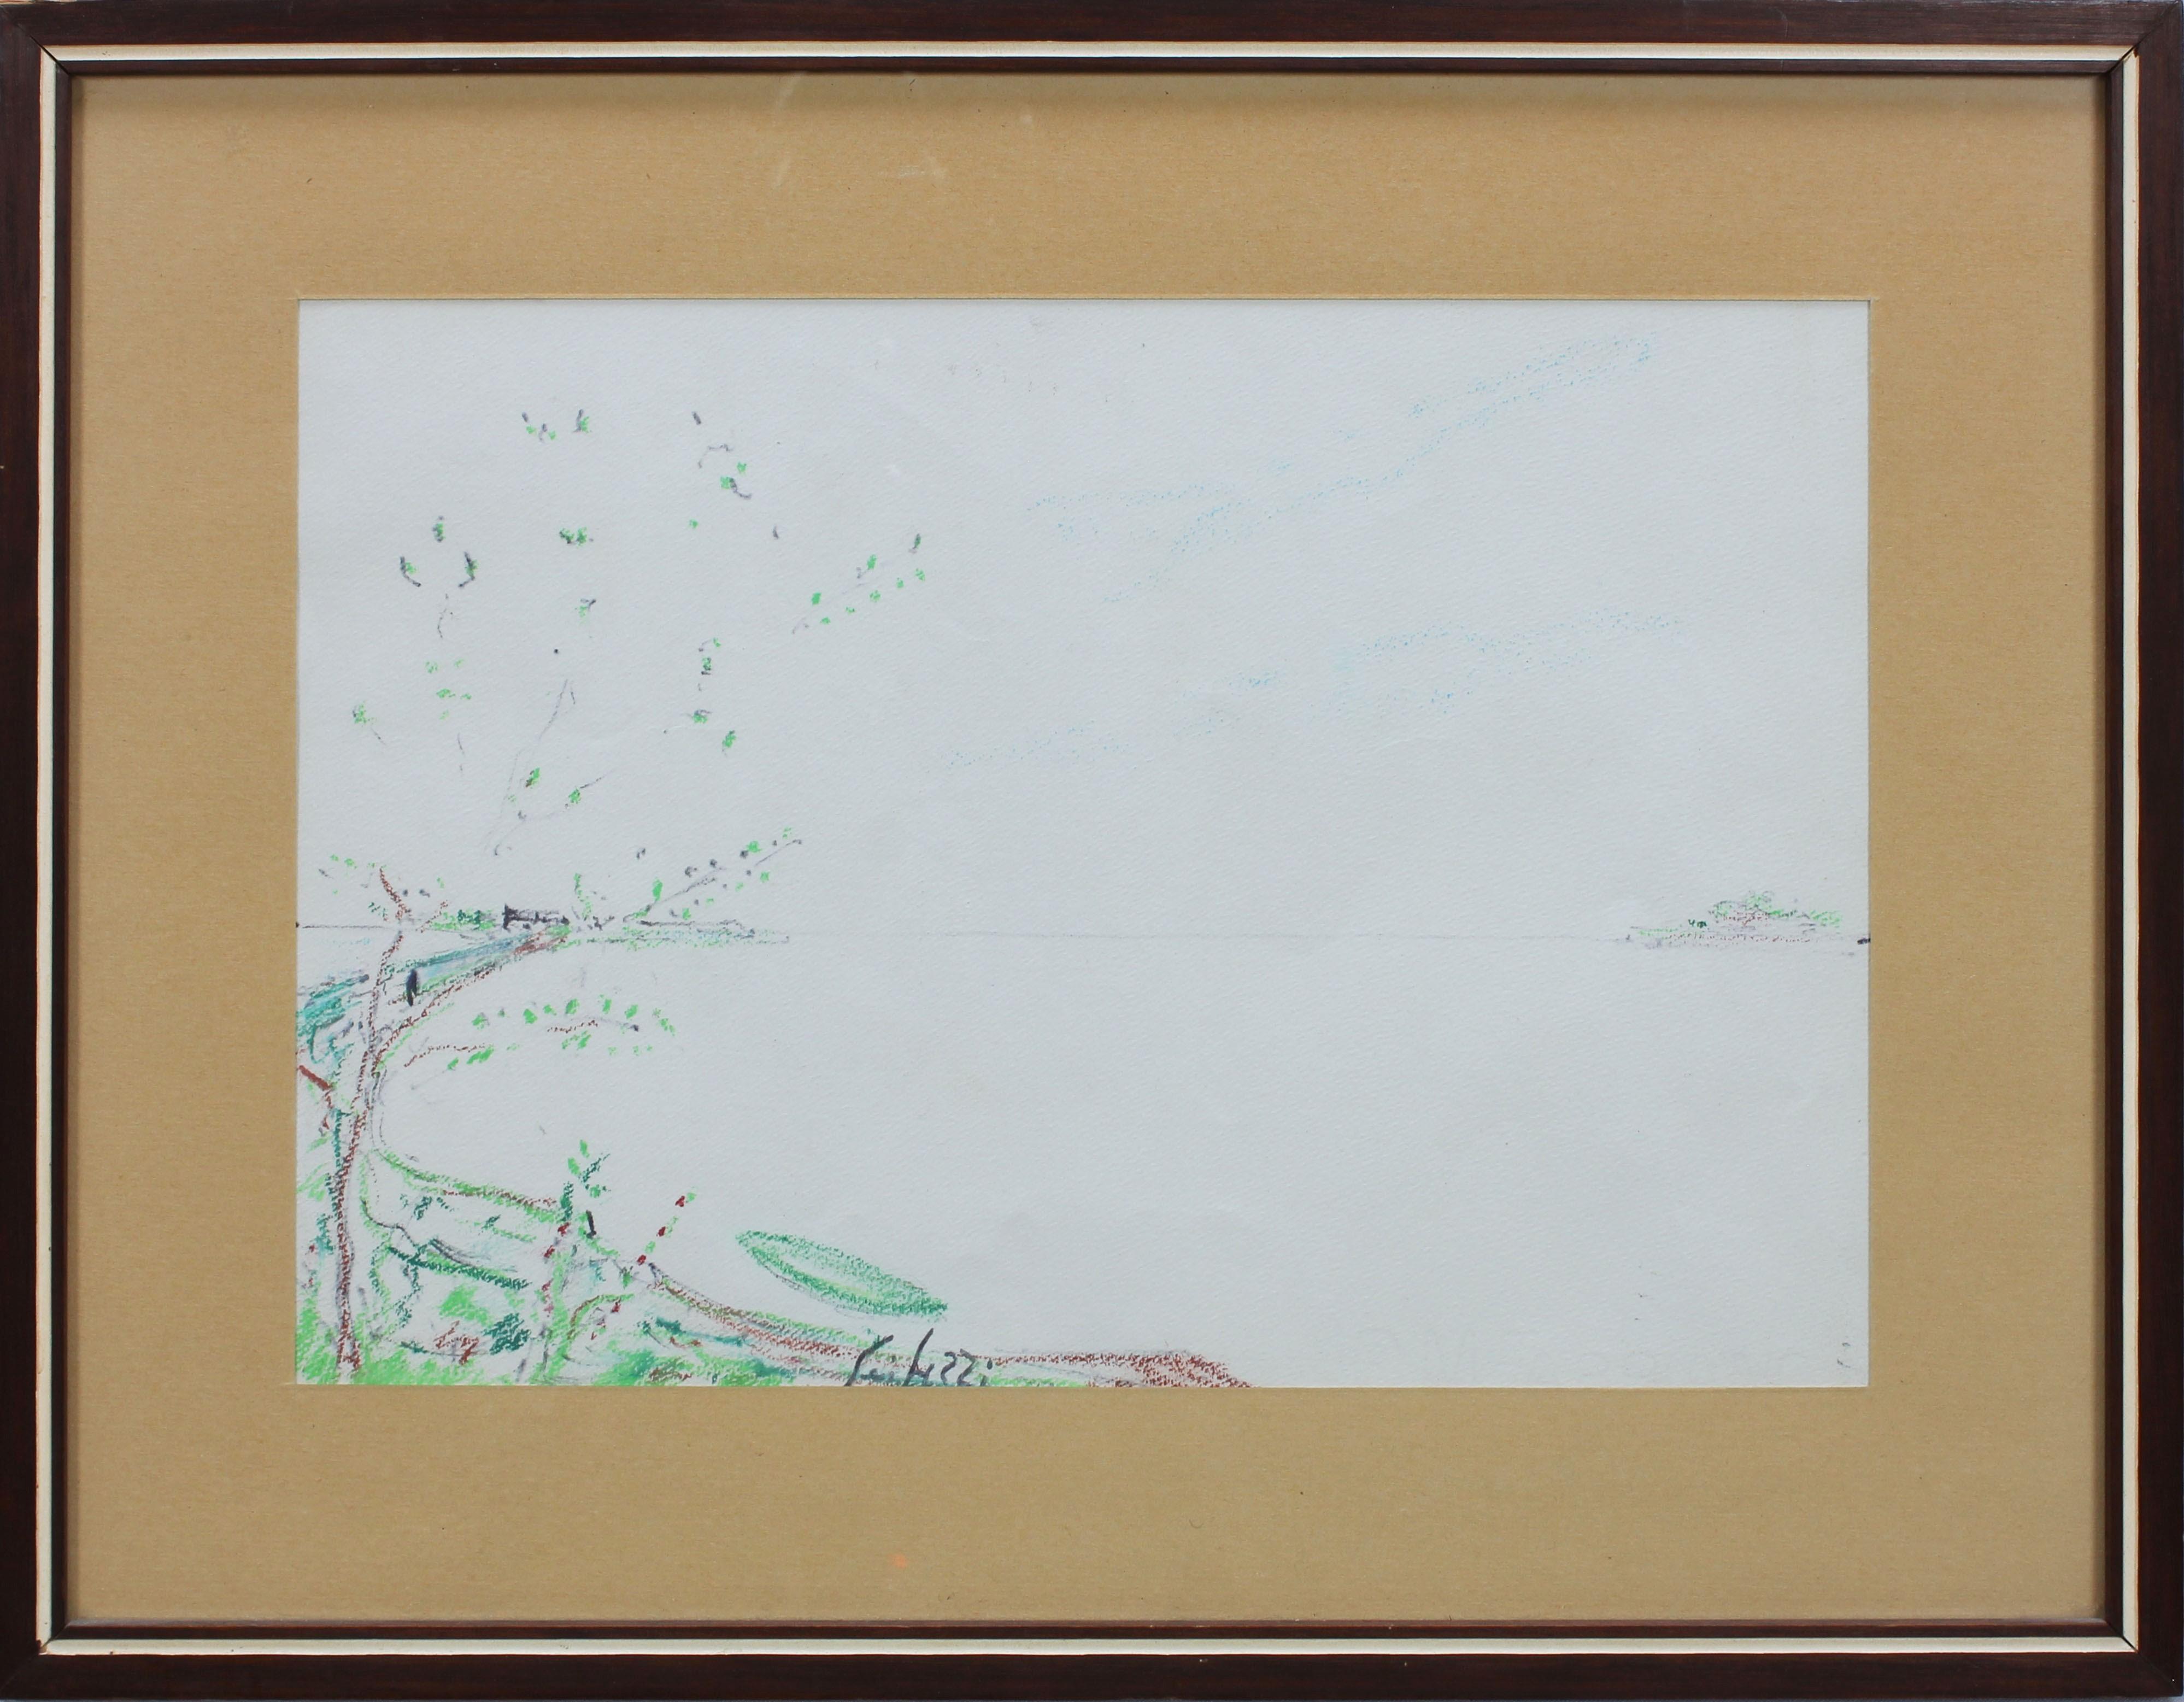 Lot 54 - Paesaggio a firma Seibezzi, pastello, cm. 31,5x22